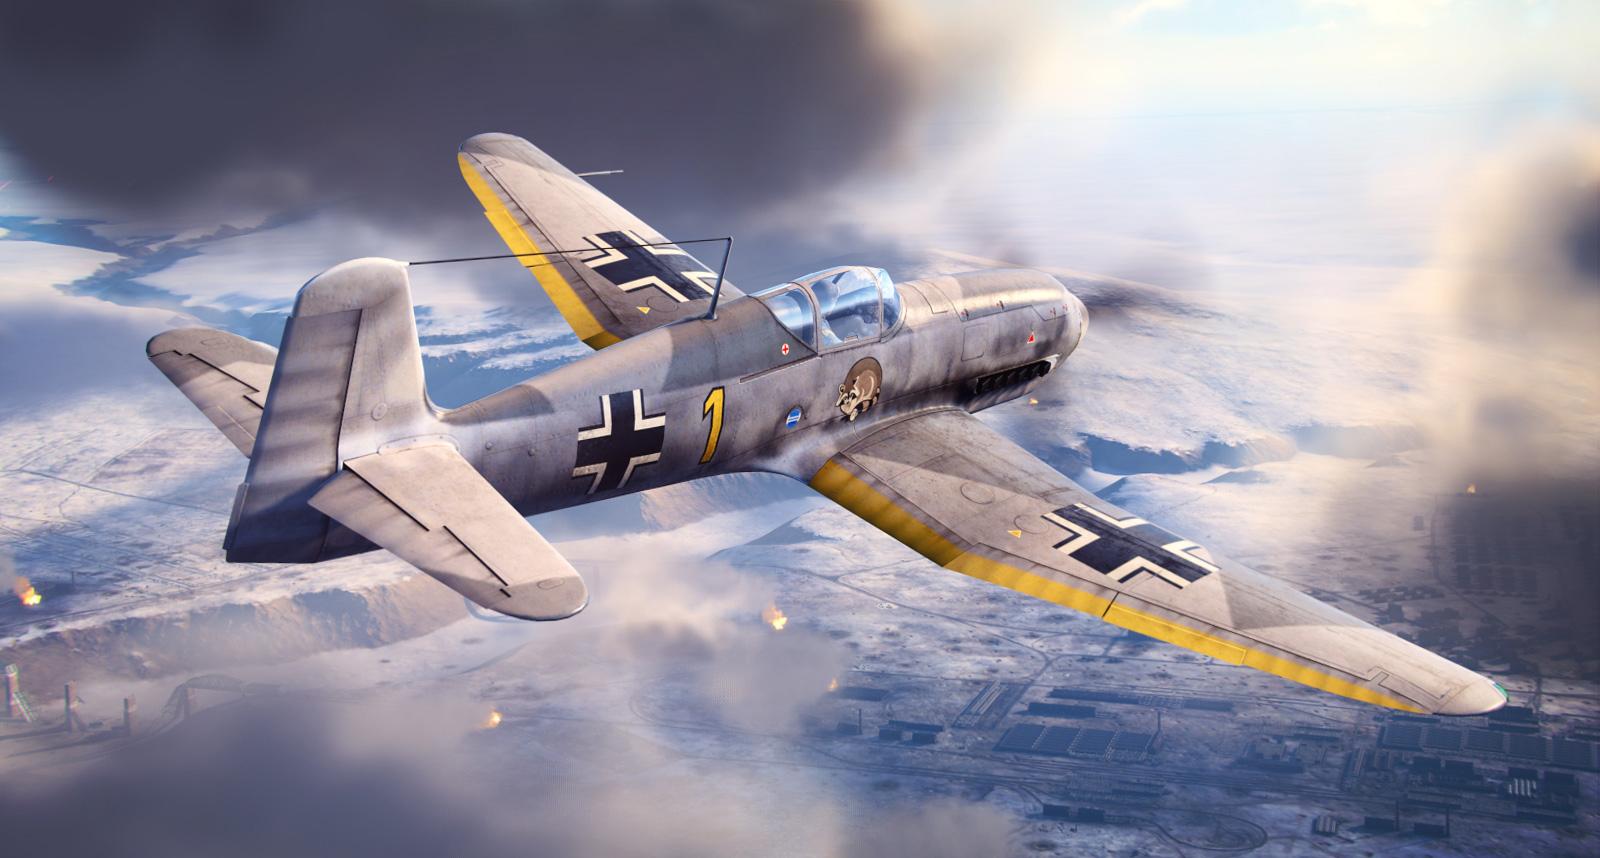 Wunderwaffen: i Prototipi Heinkel